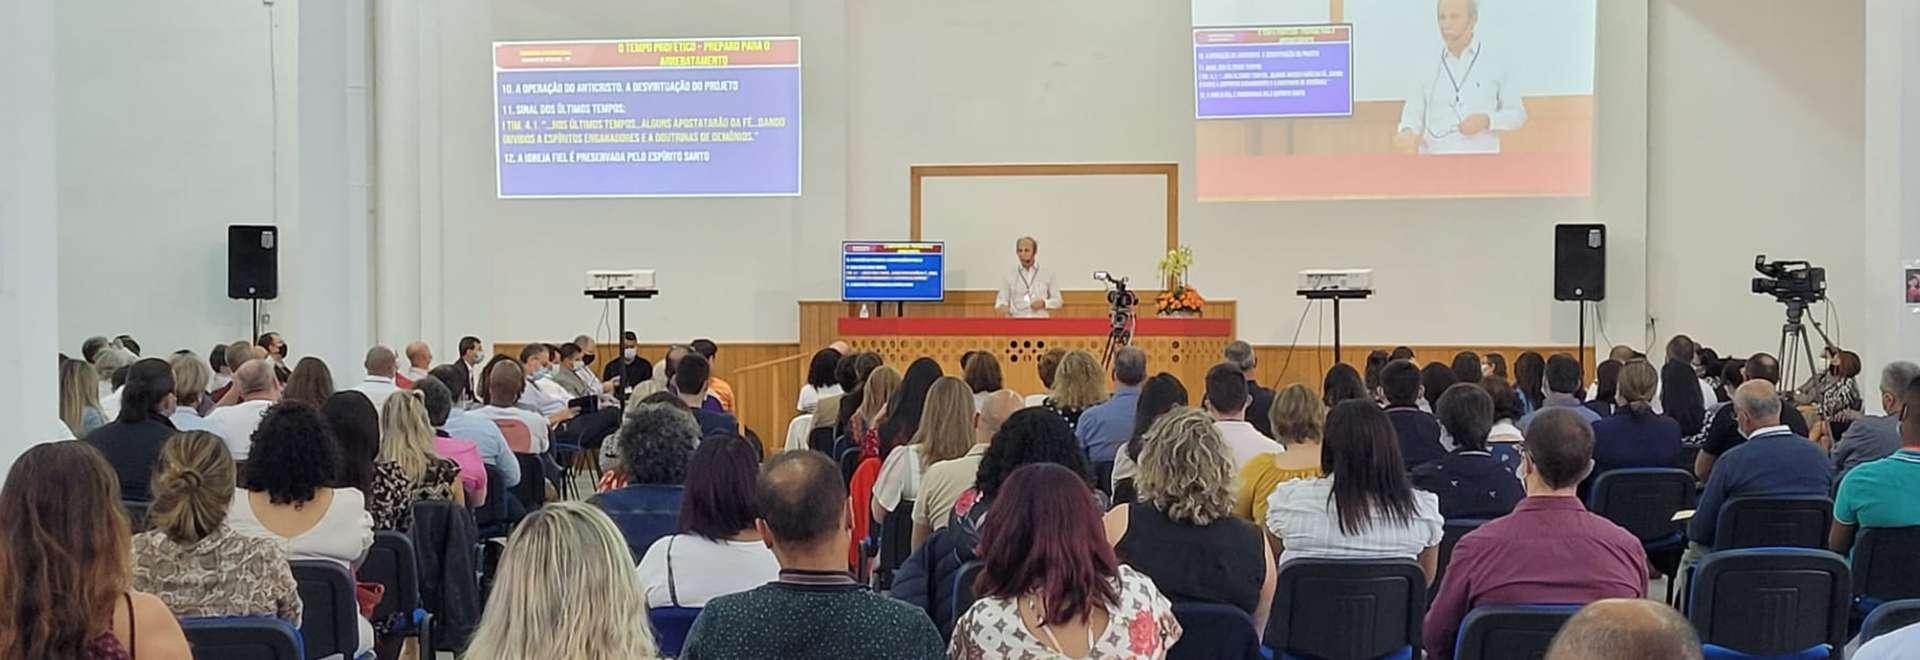 Primeiro Seminário da Igreja Cristã Maranata transmitido do Maanaim de Portugal para o mundo